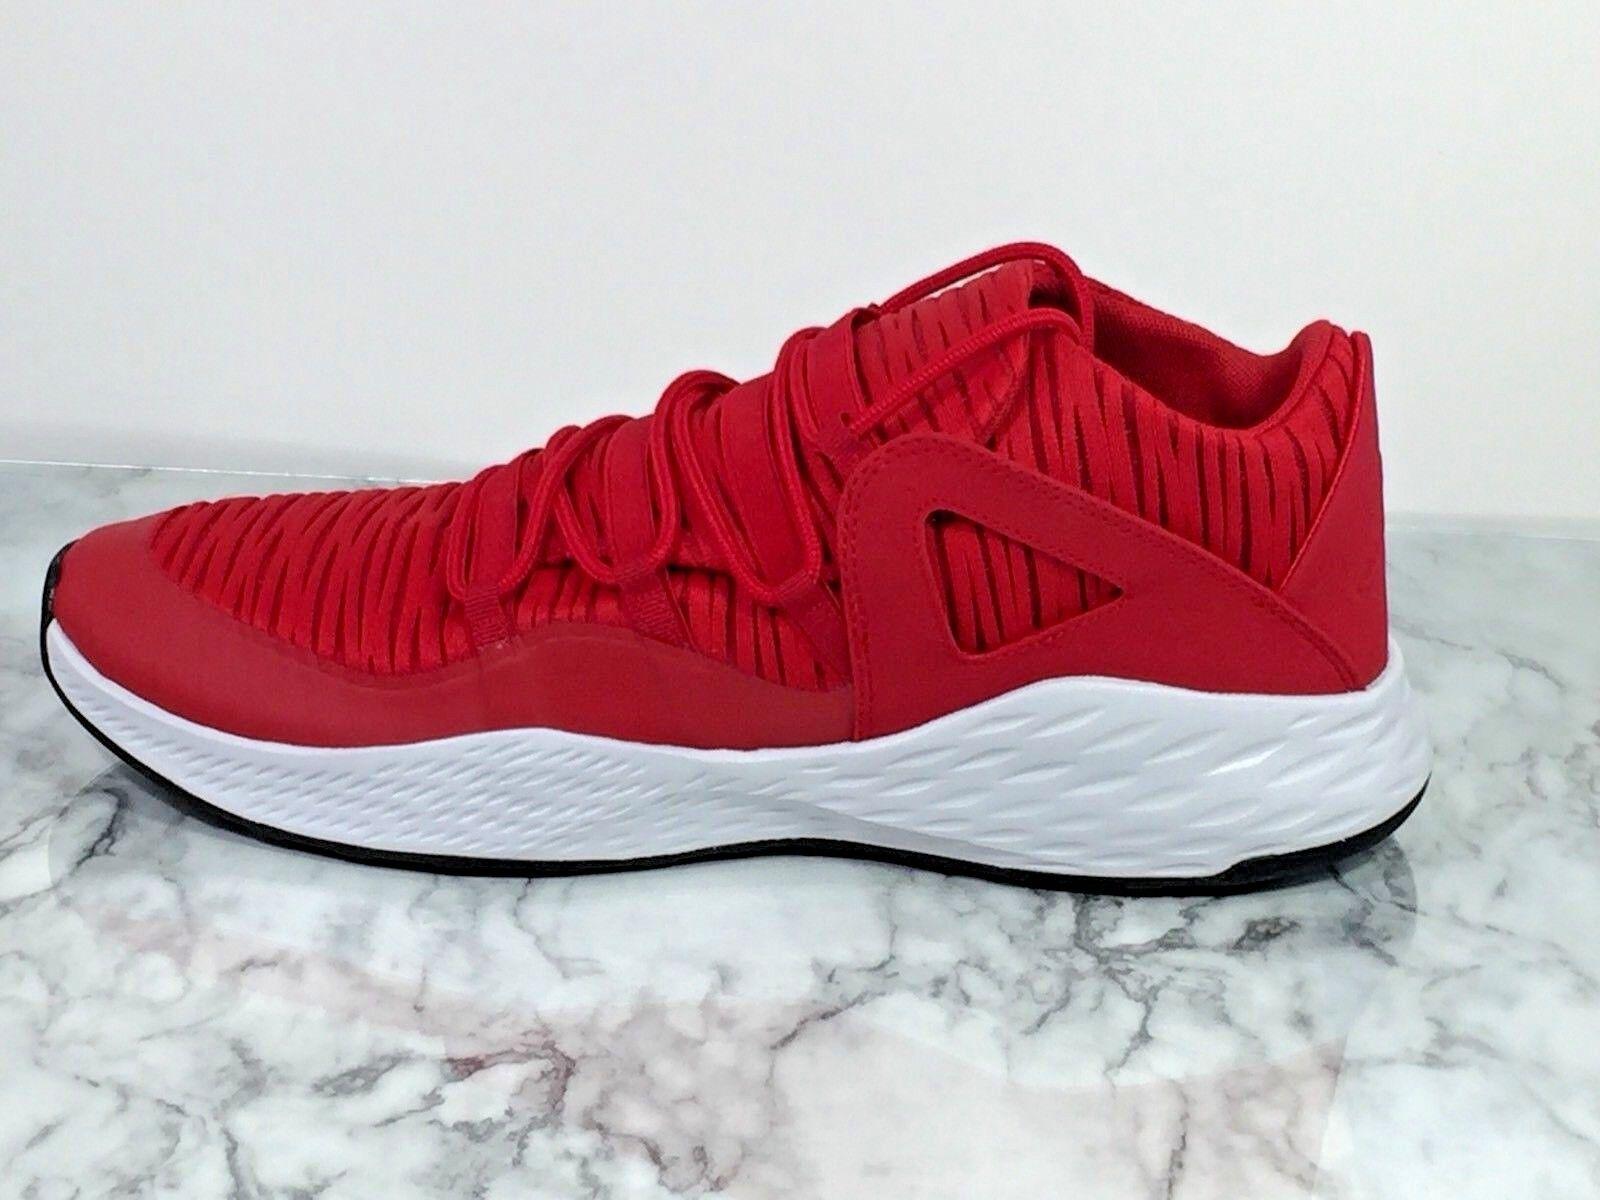 low priced 4fc77 10f20 ... cheapest nike air jordan 23 bajo cómodos fórmula de zapatillas hombres  cómodos bajo zapatos nuevos para